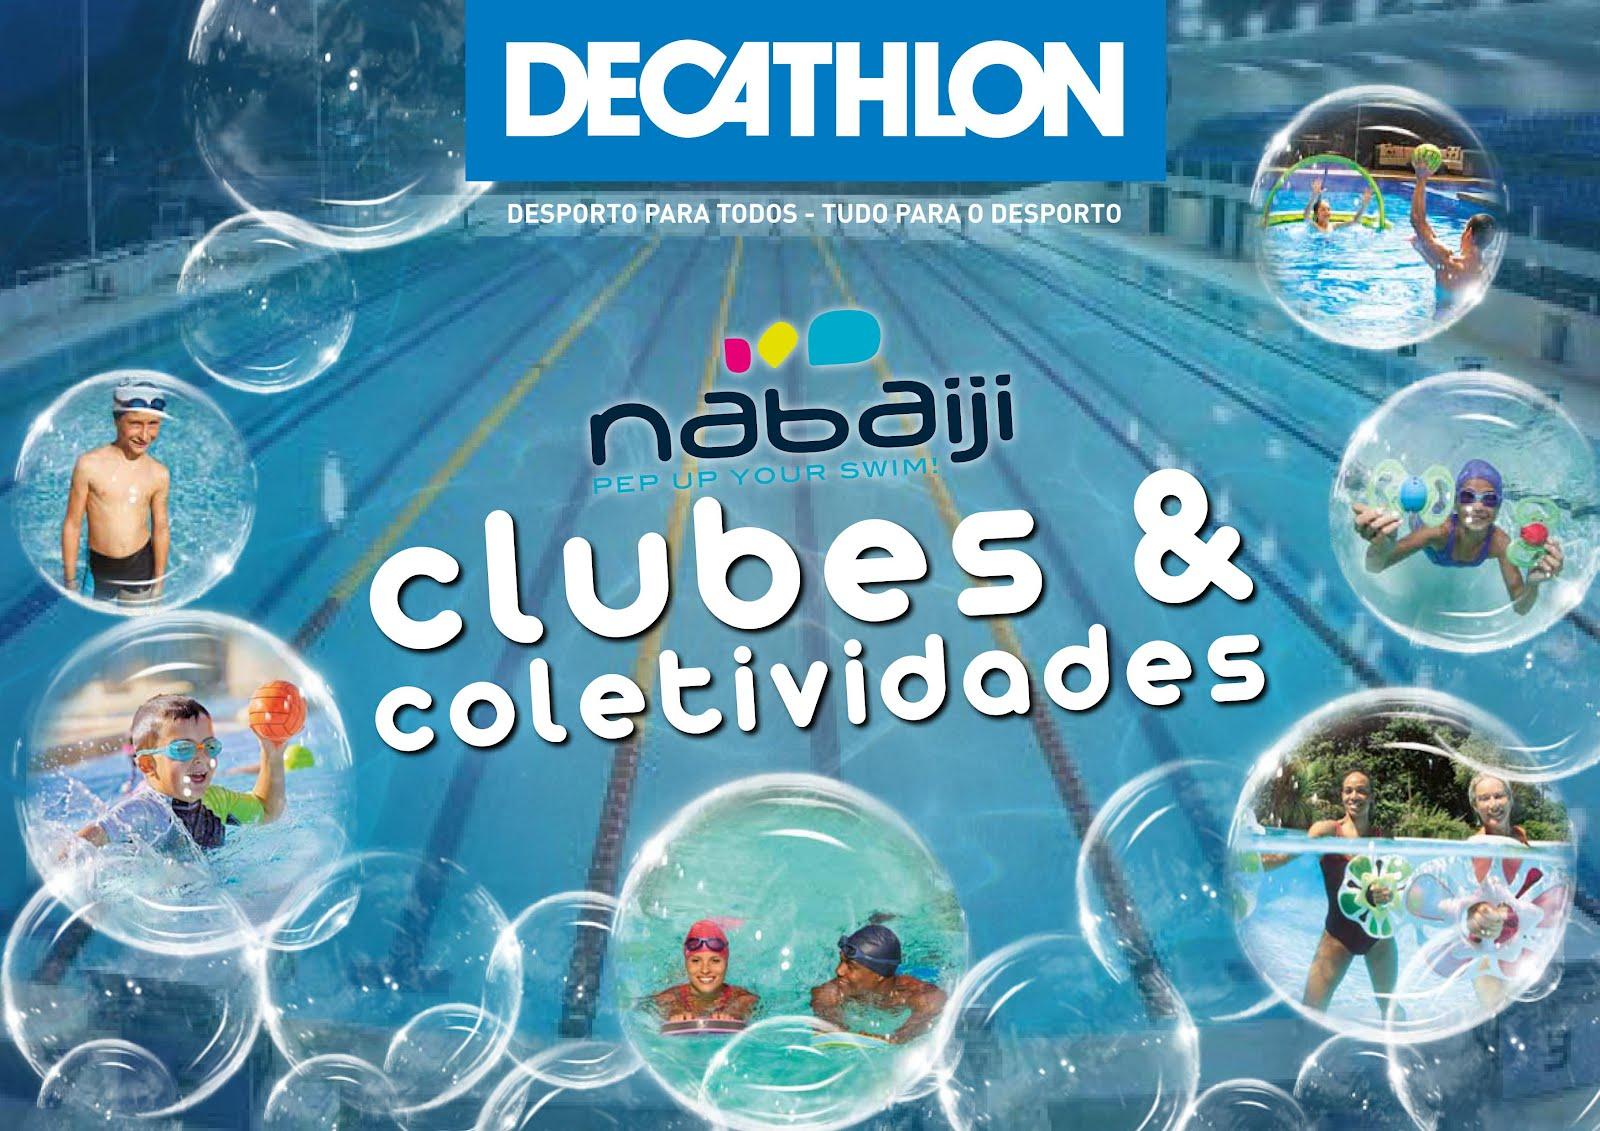 Beba Água  Decathlon  Bom regresso ao Desporto! 944a3a1cd81f1